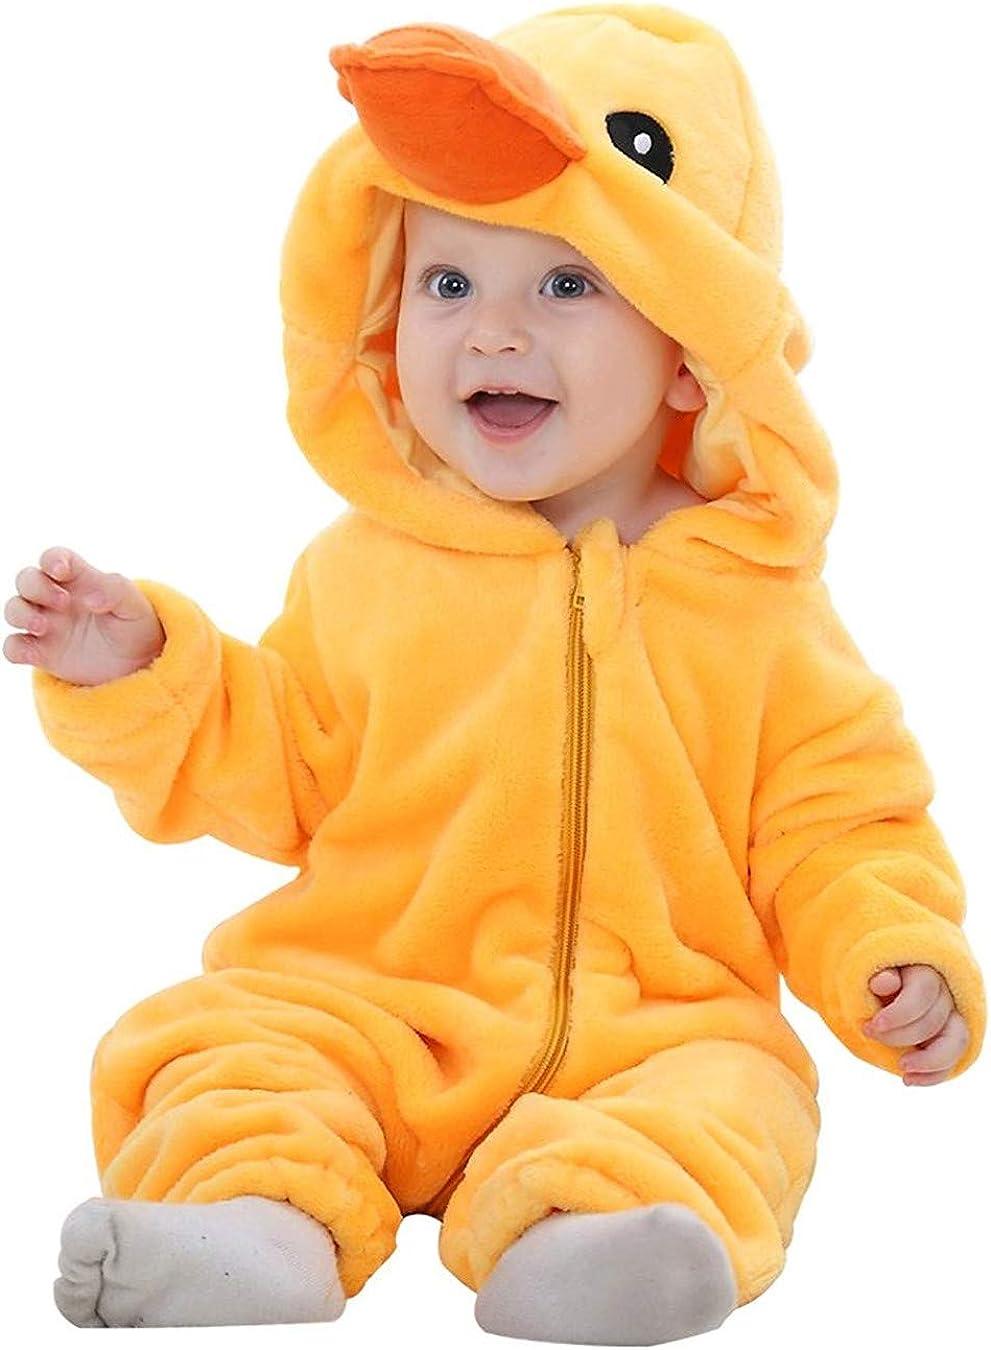 Queque Shine Jumpsuit Beb/é Unisexo Beb/é Reci/én Nacido Franela Mameluco Invierno Ropa Una Pieza Pijamas Animal Caricatura Trajes